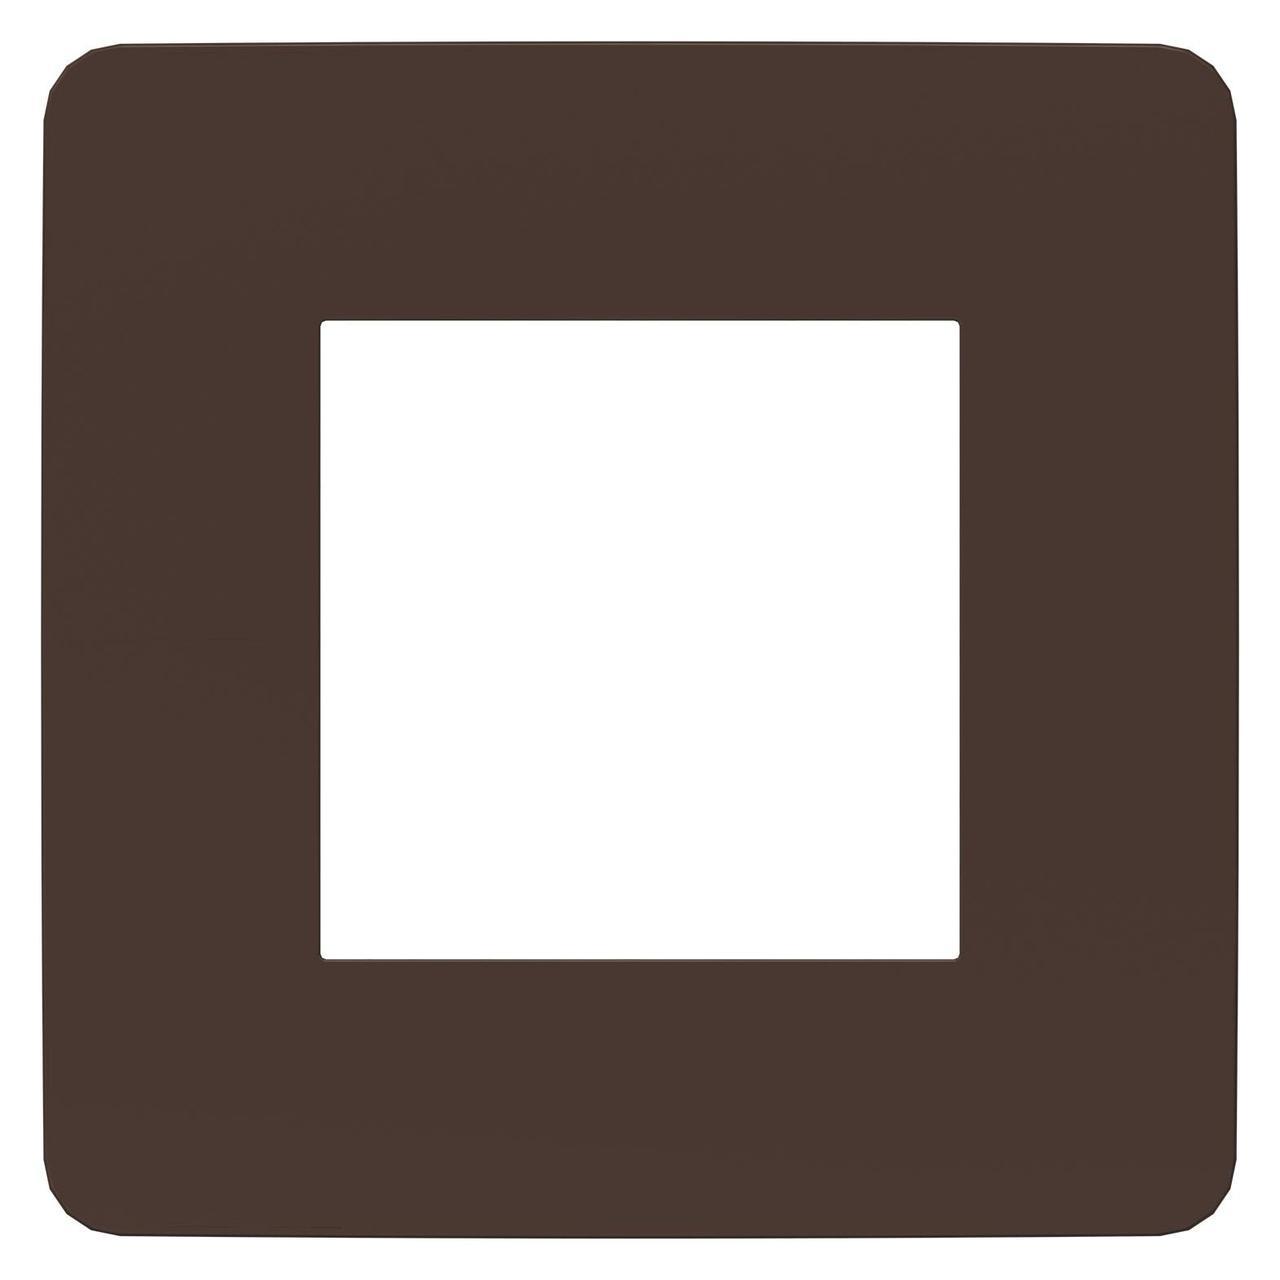 Рамка 1-ая (одинарная), Шоколад/Антрацит, серия Unica Studio, Schneider Electric